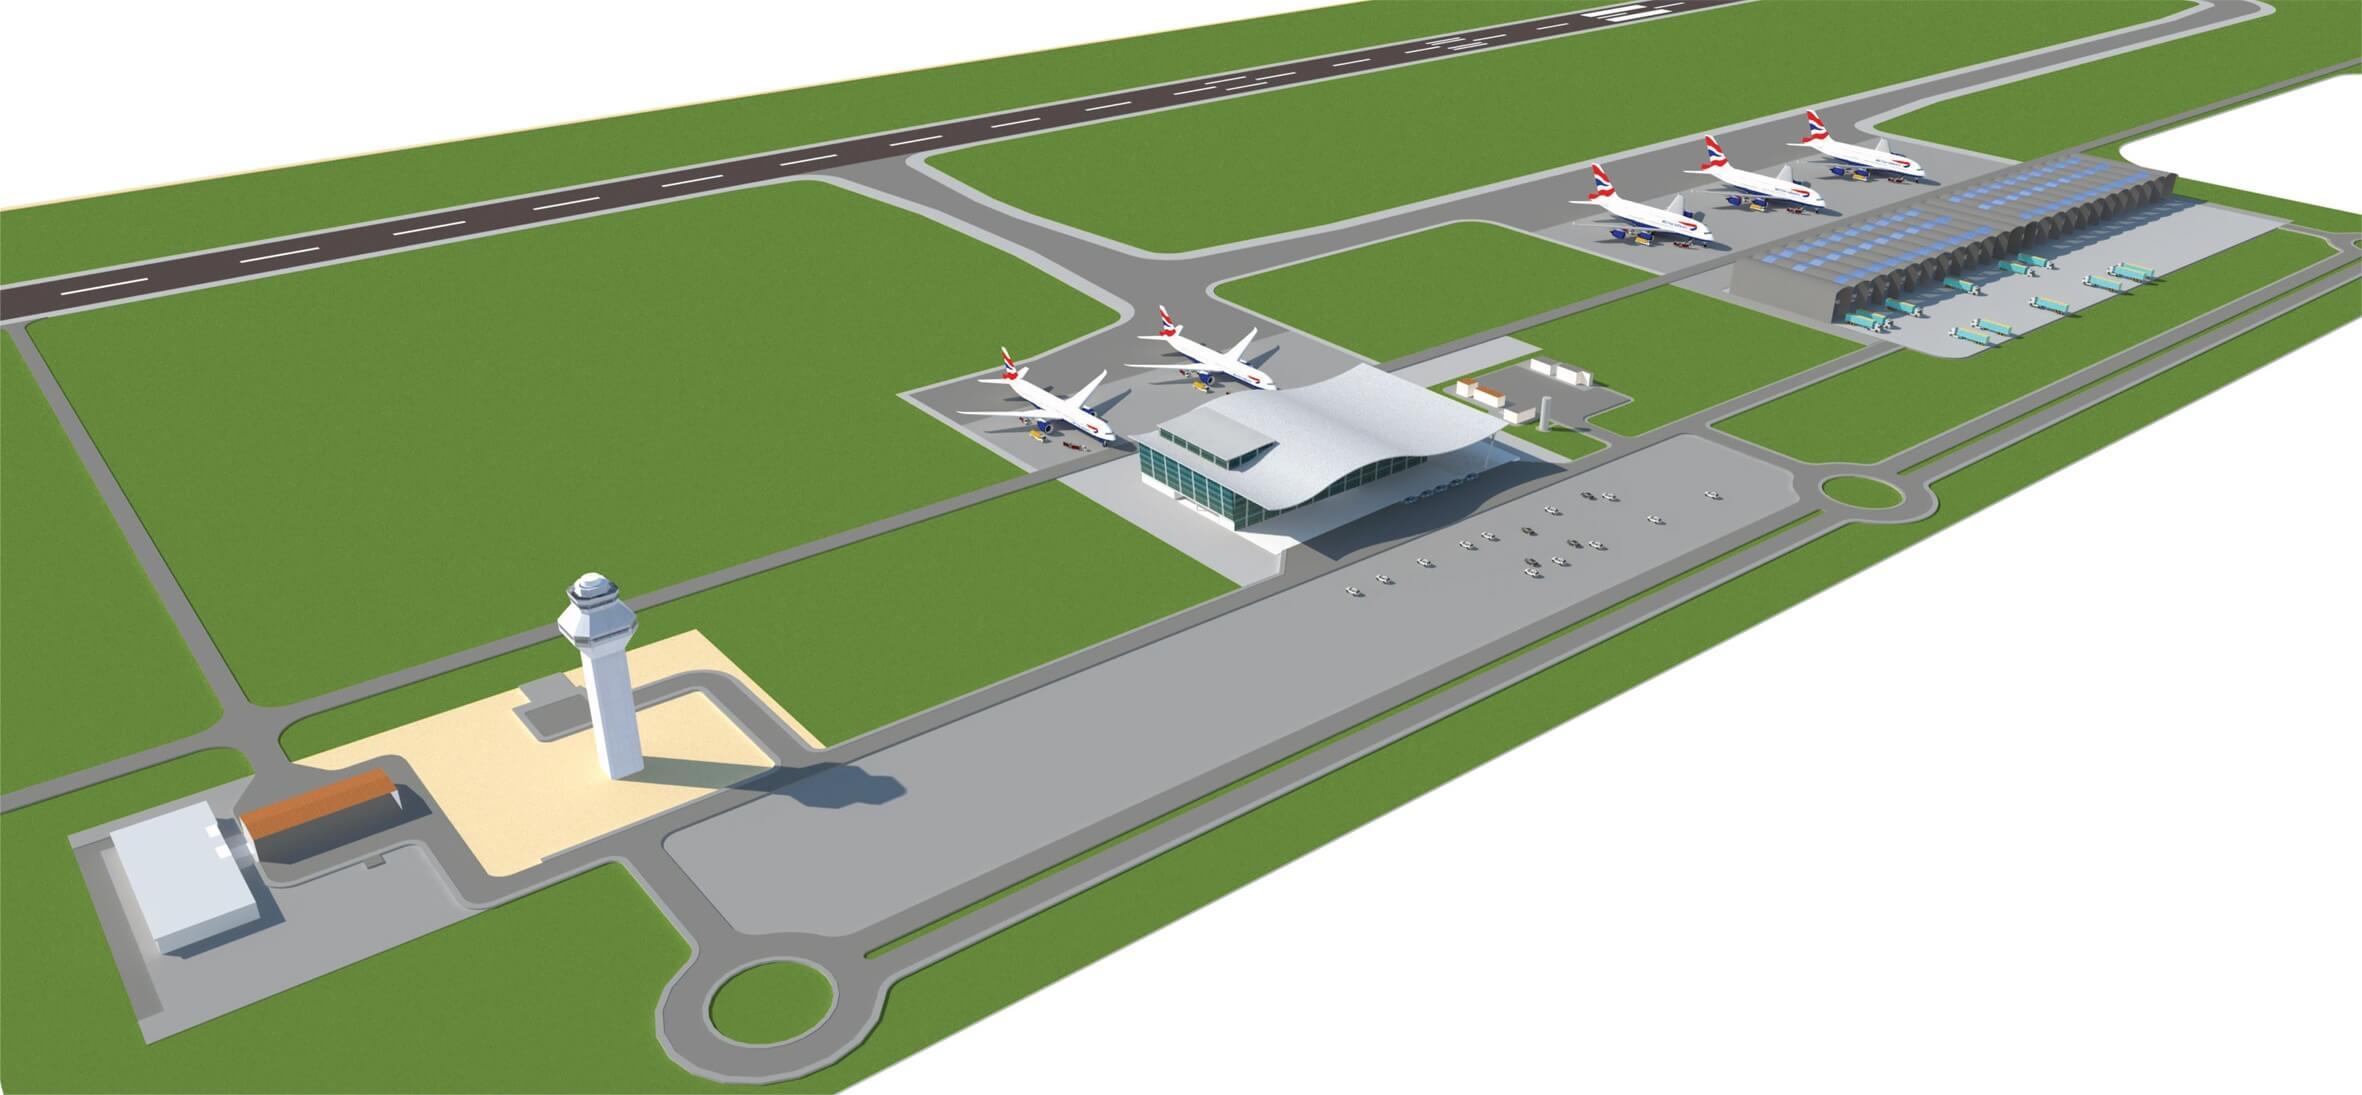 Projeto do aeroporto de cargas e passageiros. Imagem: assessoria